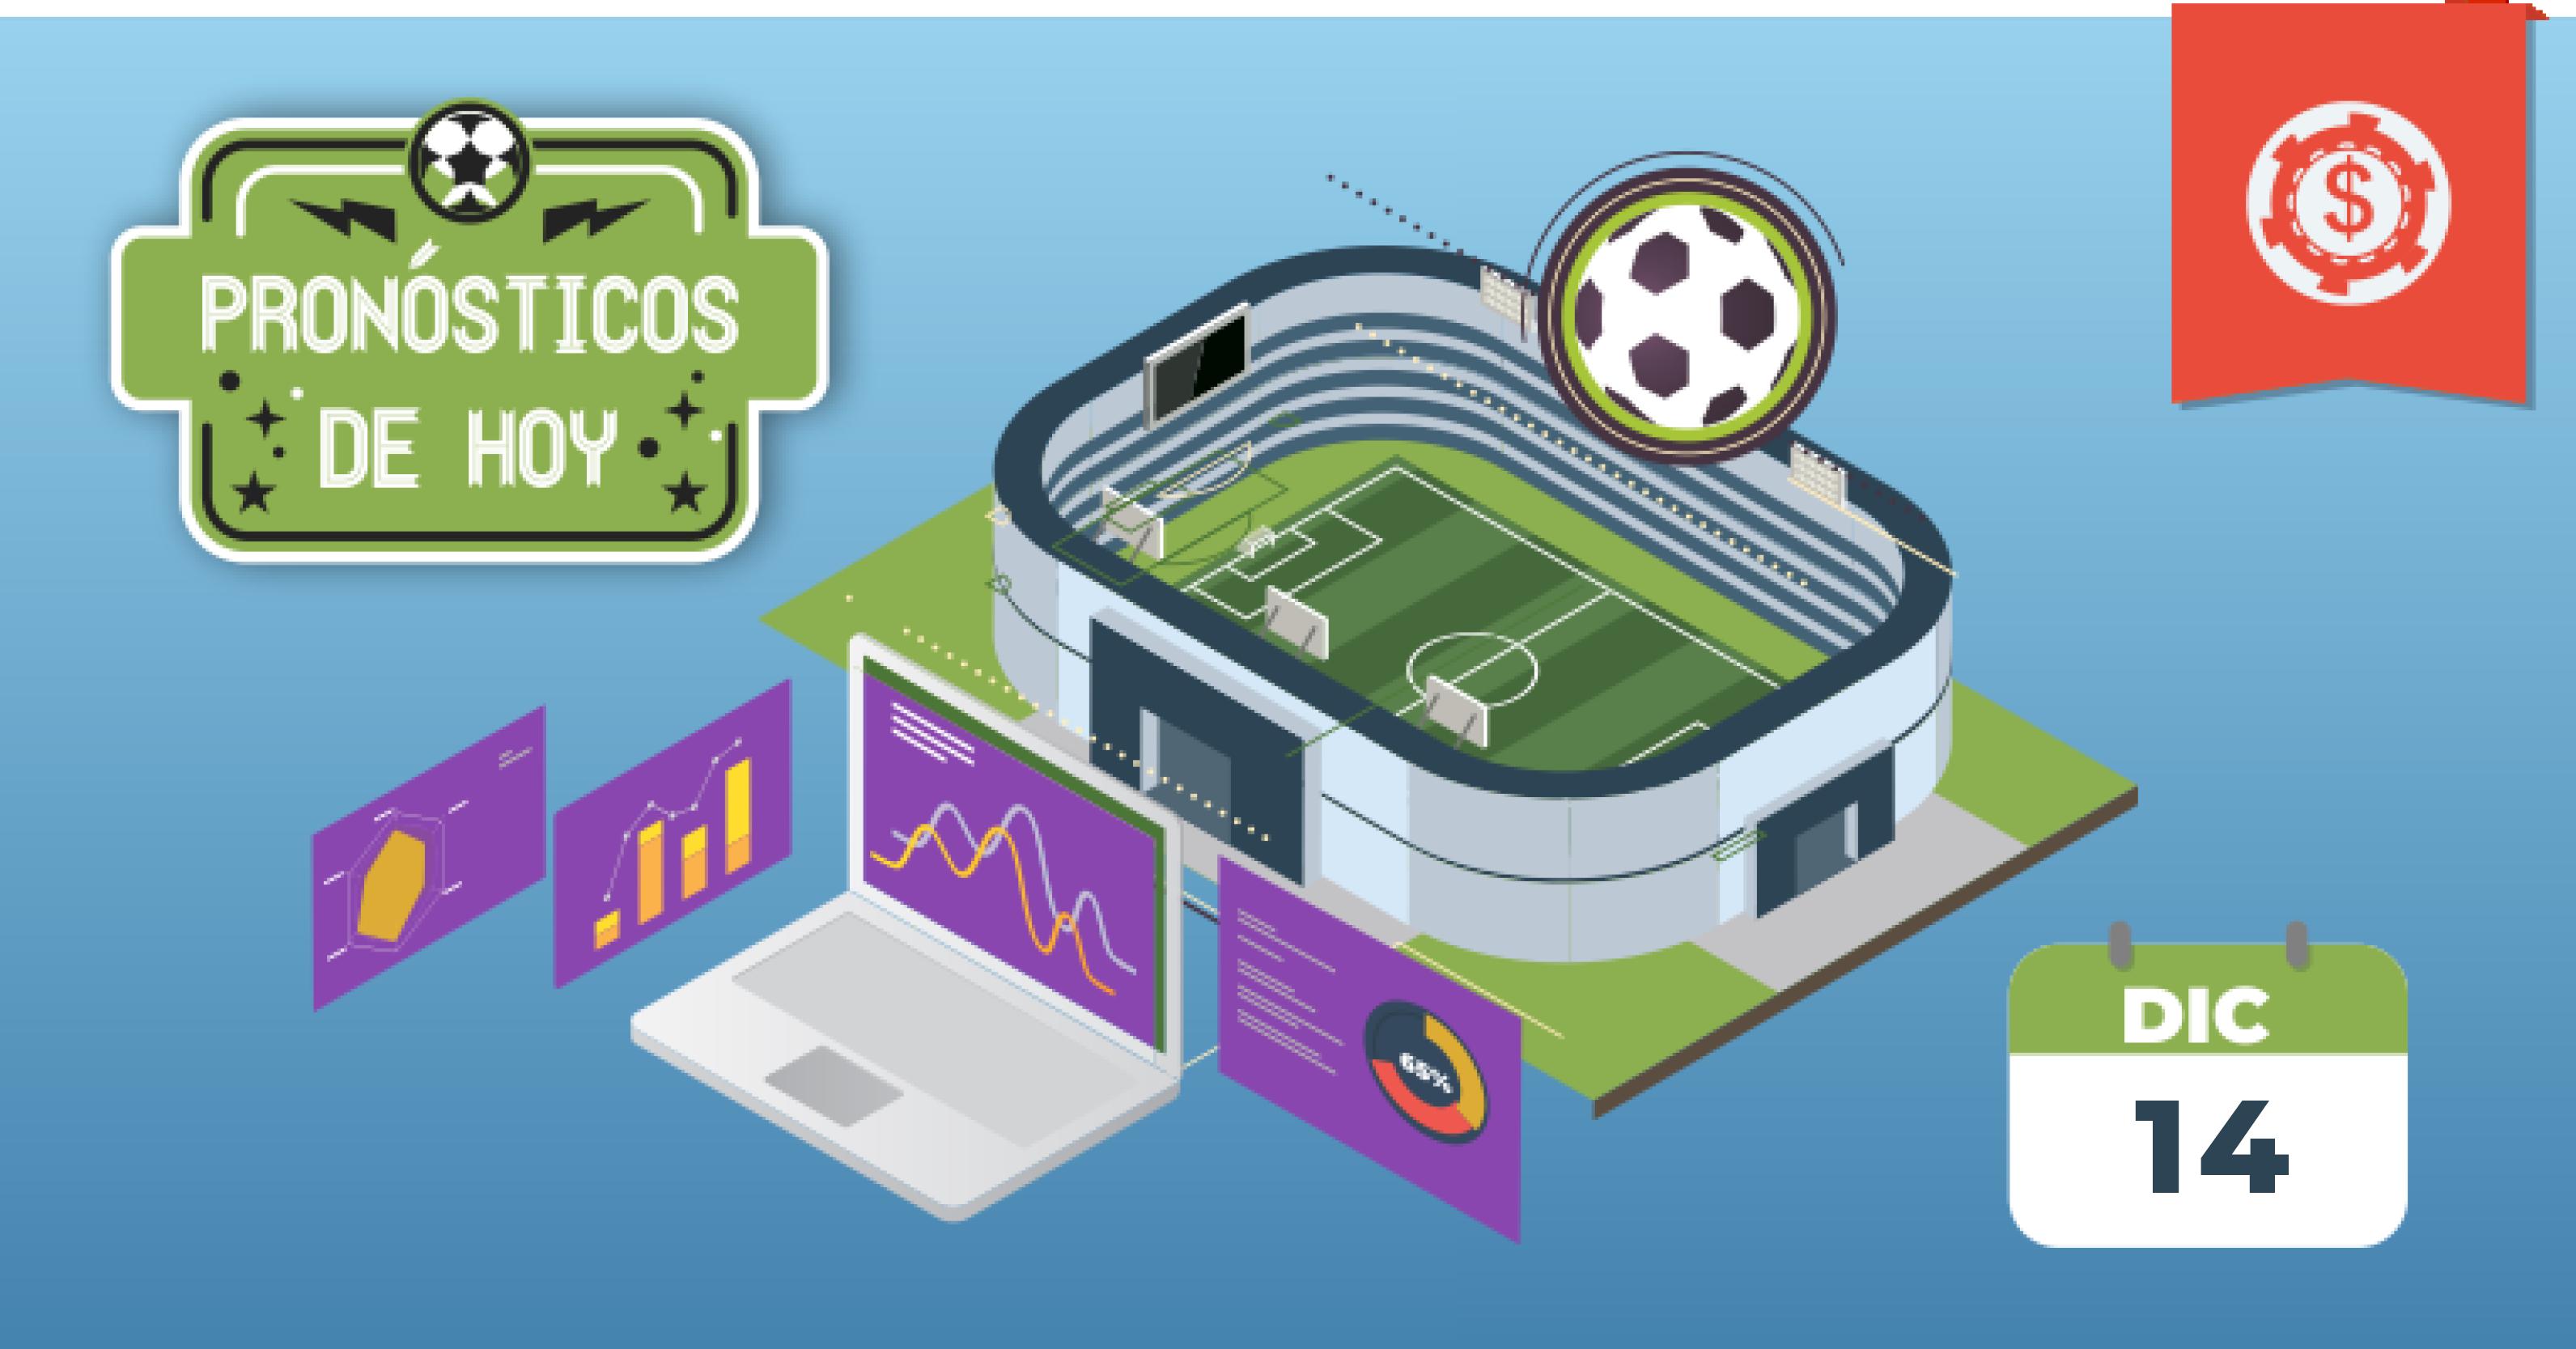 pronosticos-futbol-hoy-predicciones-14-diciembre-2019